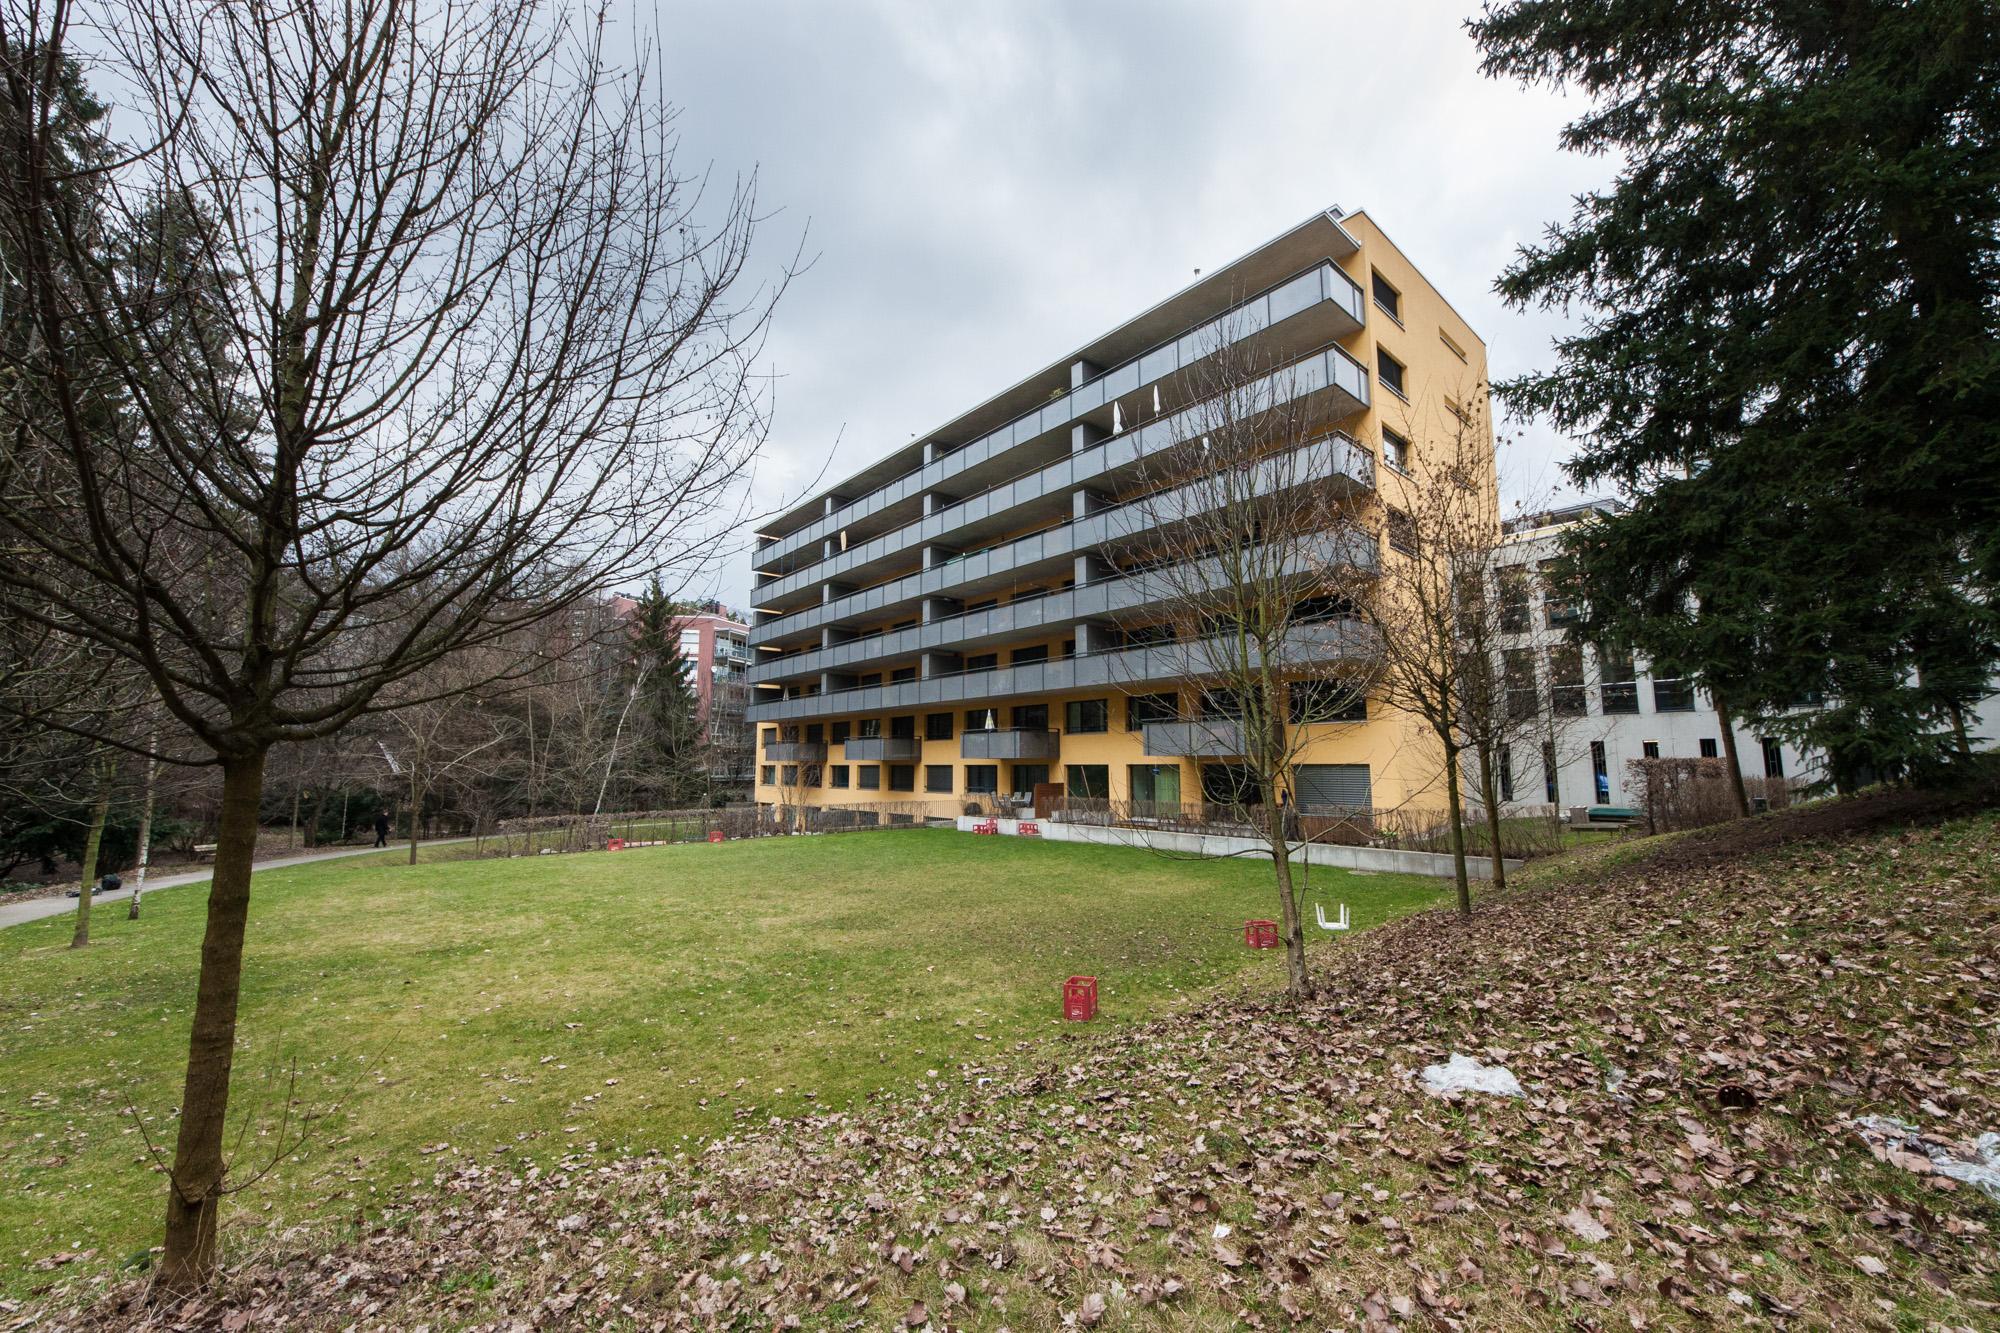 Die MerzGips AG konnte im Herzen von Bern bei der Überbauung Scheurrain Fassadenbau ausführen. Entstanden sind rund 65 mehrheitlich grosse, familienfreundliche Wohnungen. Zudem wurde Platz für Ateliers und Büroräumlichkeiten geschaffen.